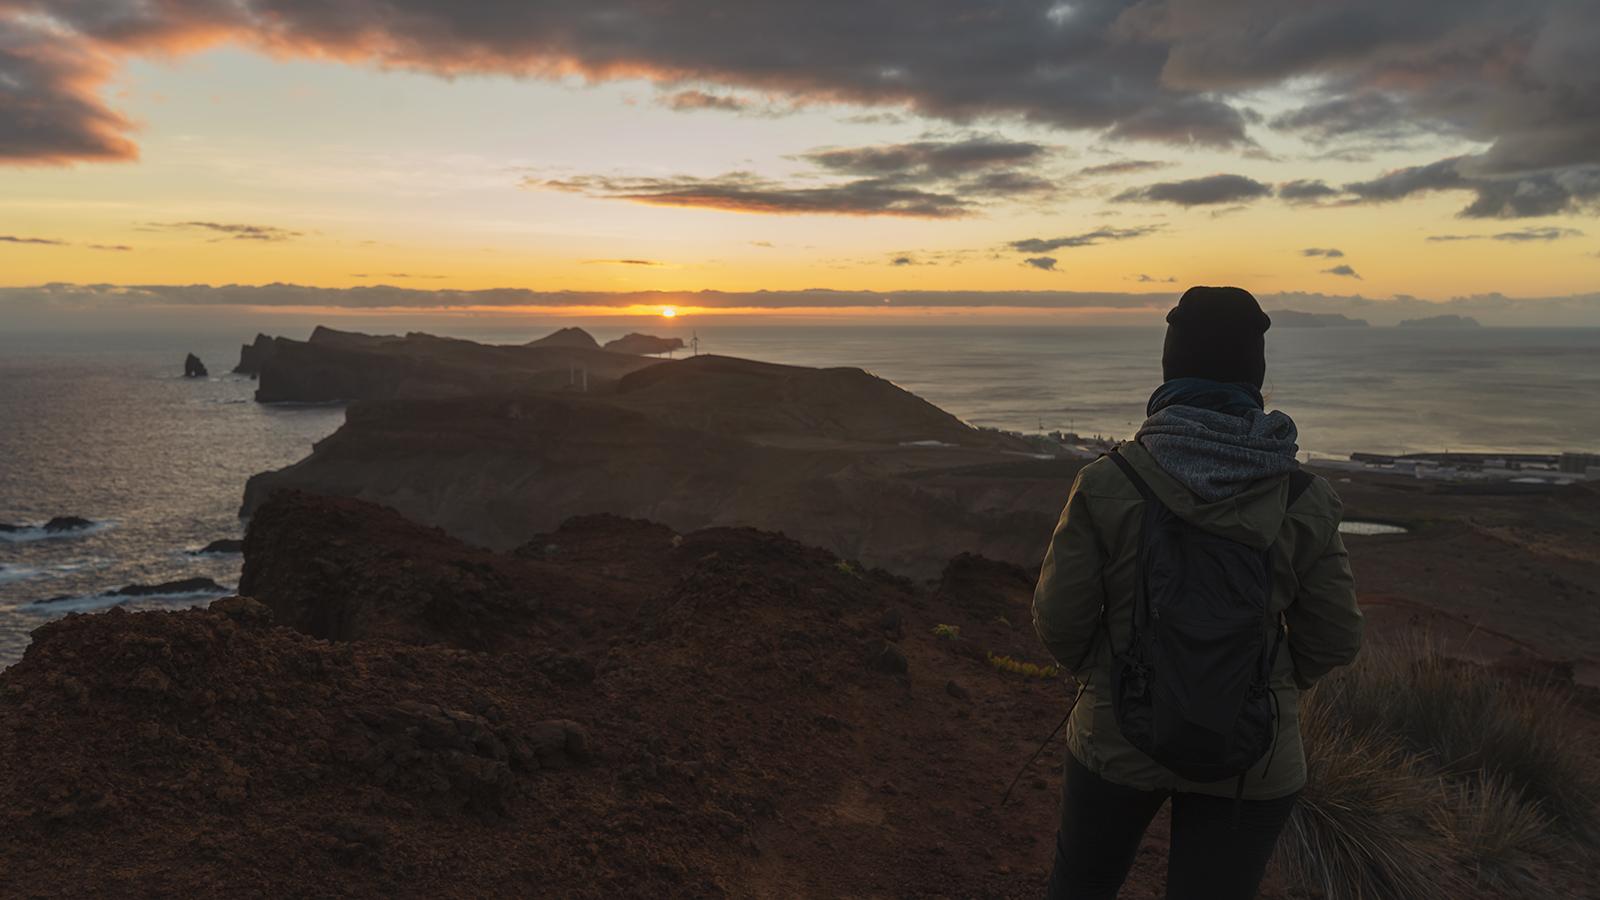 Watching the sunrise at Ponta de São Lourenço, Madeira